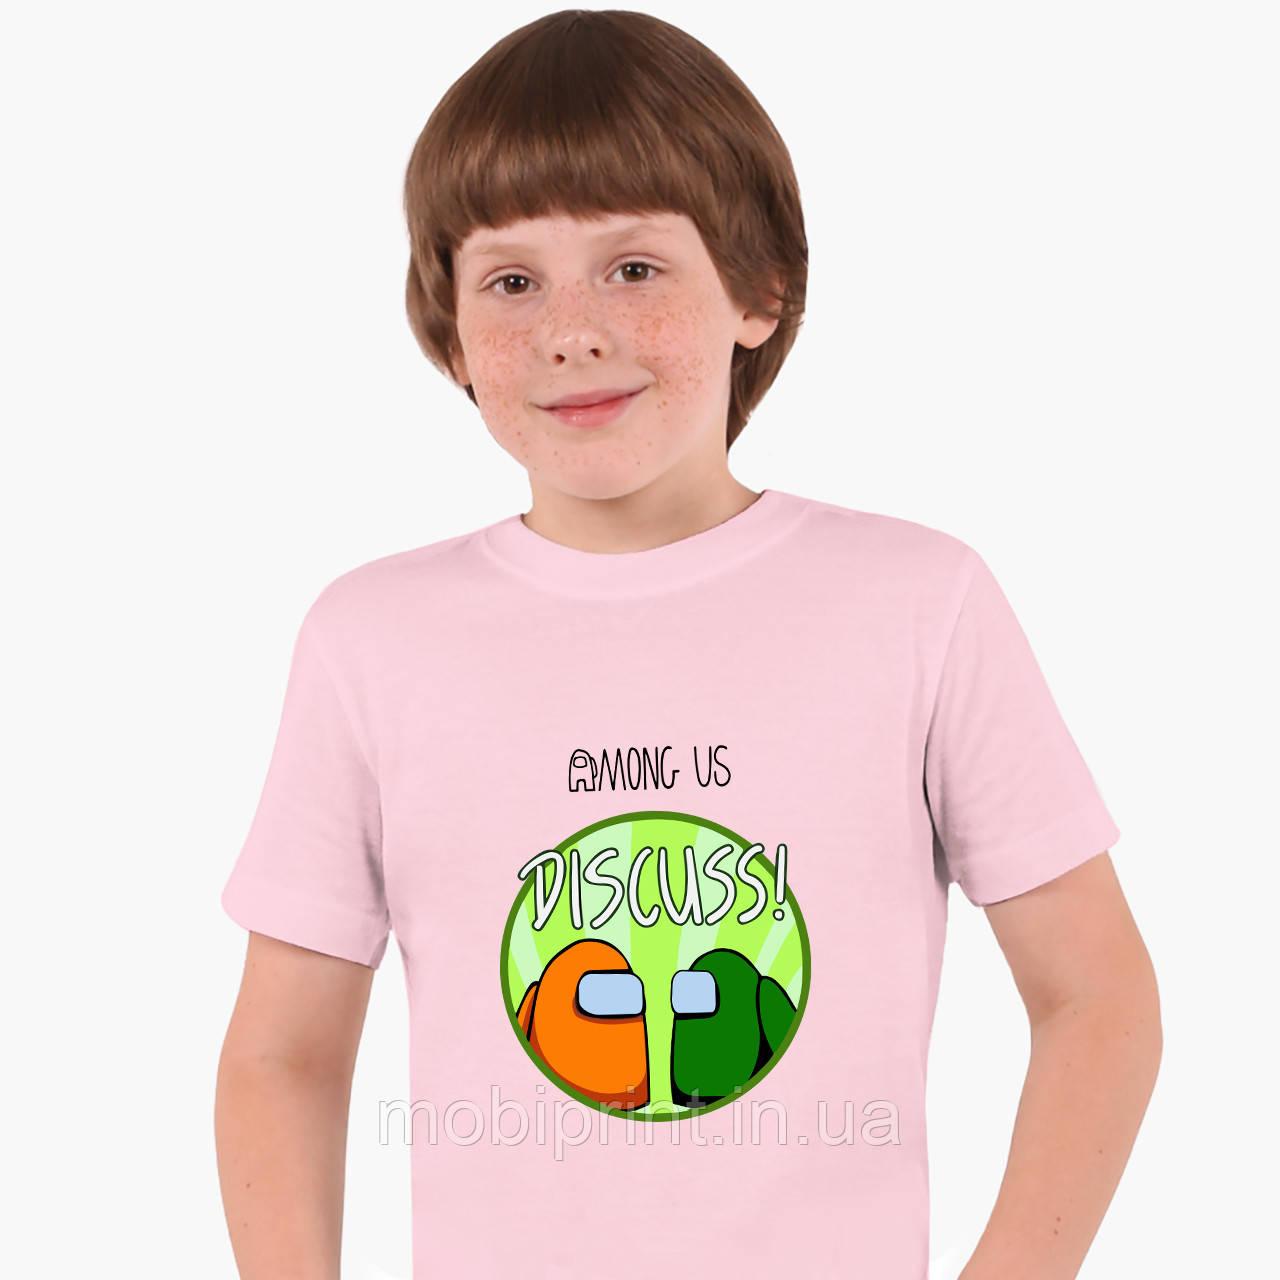 Детская футболка для мальчиков Амонг Ас (Among Us) (25186-2588) Розовый